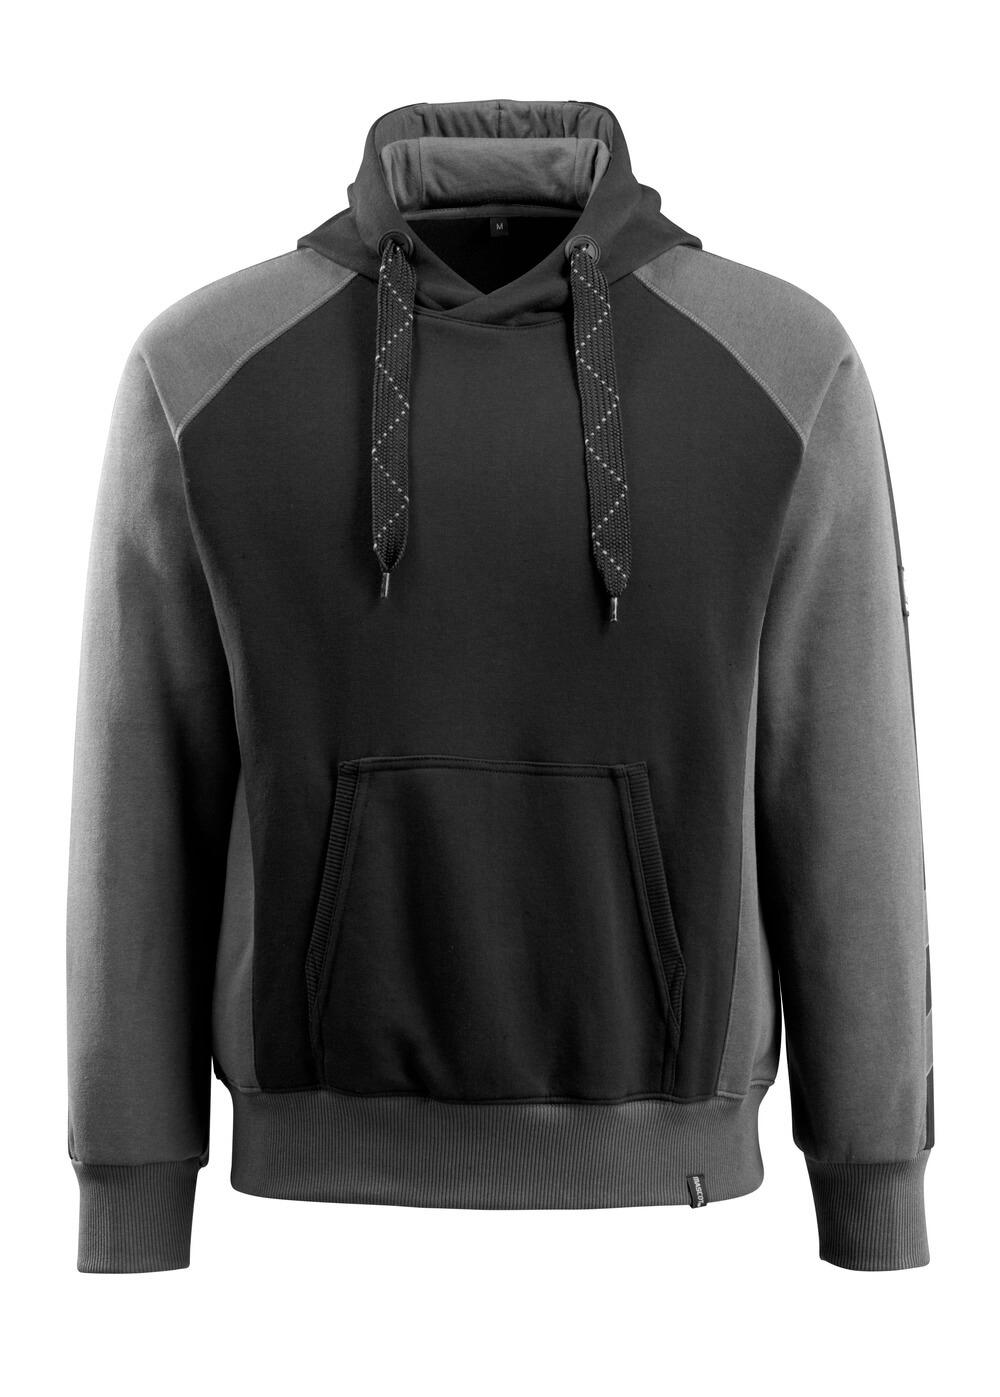 50572-963-0918 Sudadera con capucha - negro/antracita oscuro